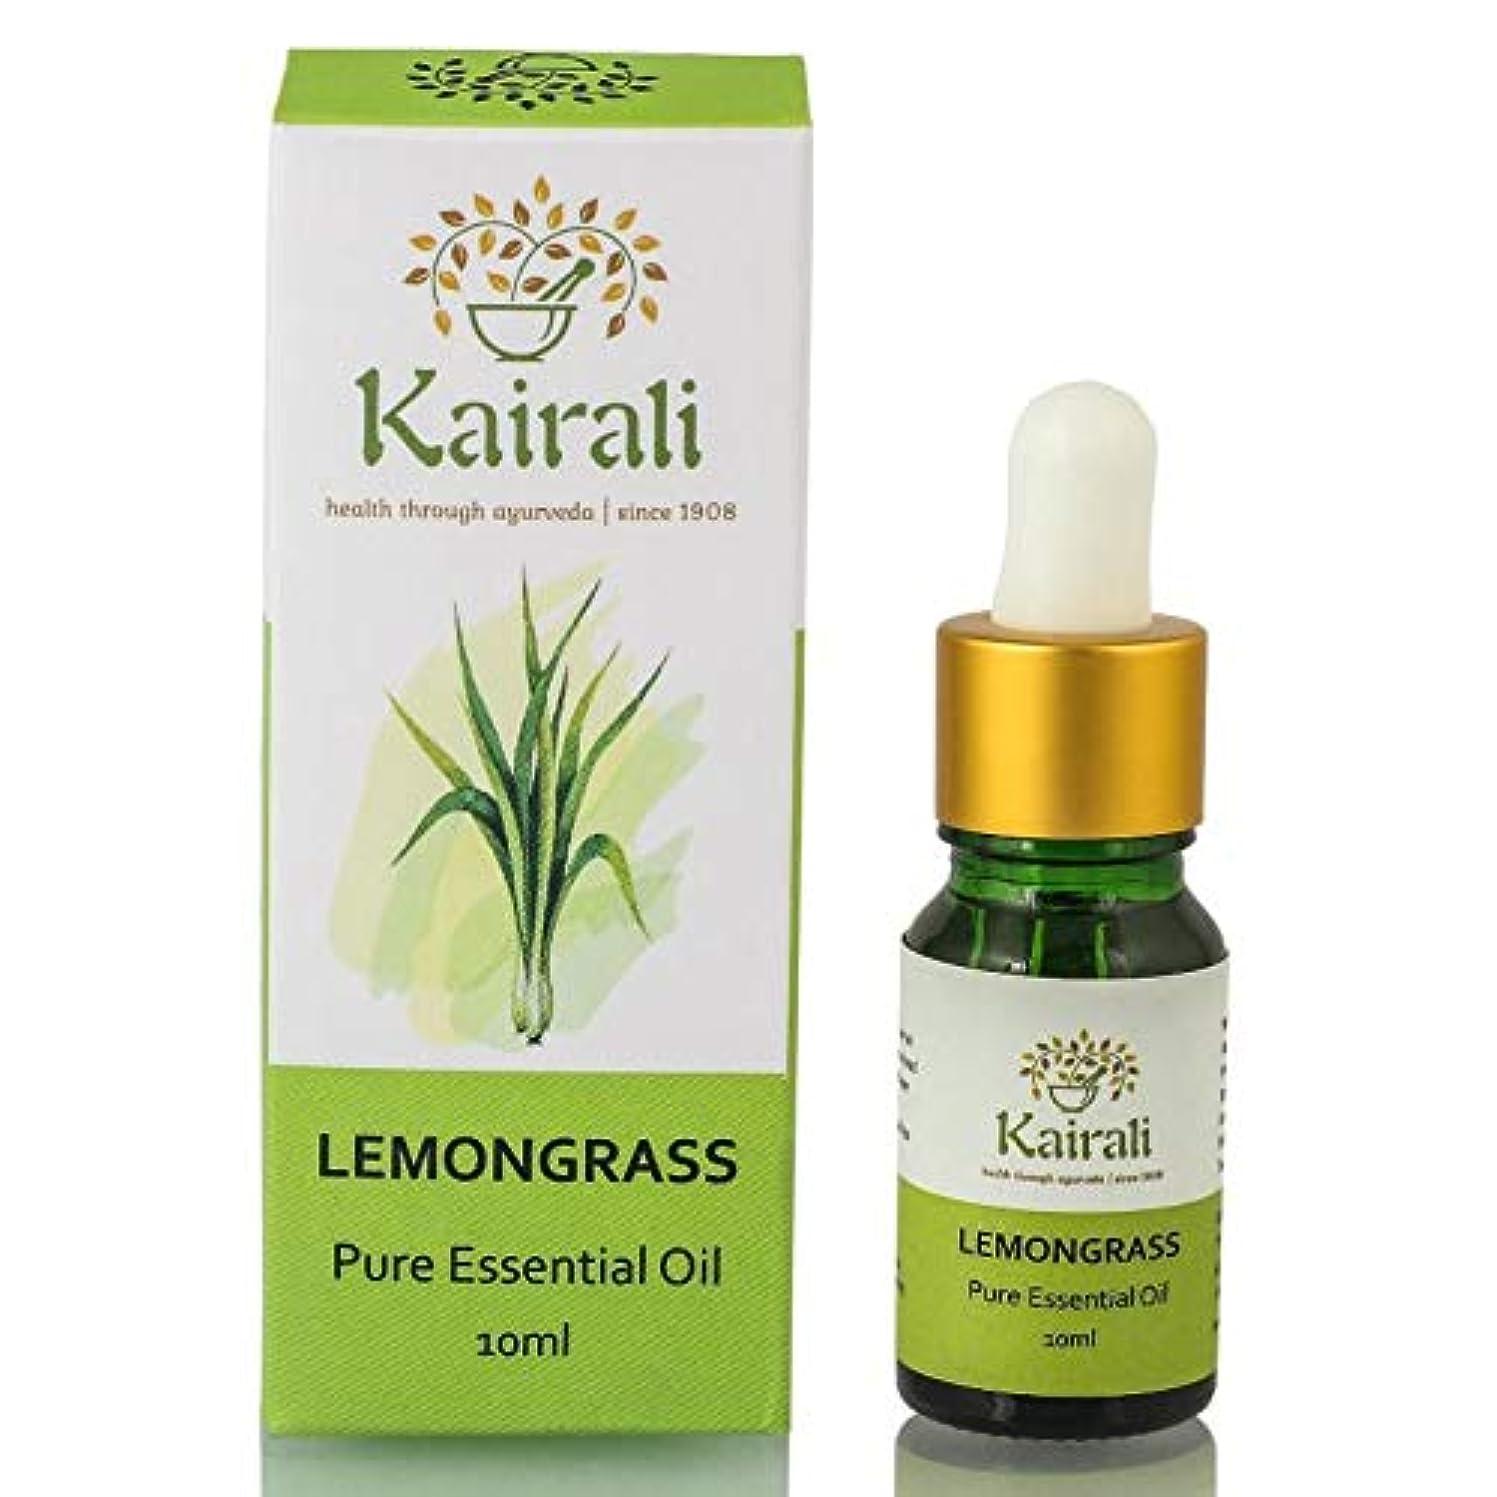 ラボ百年スカートカイラリ エッセンシャルオイル レモングラス 10ml(天然100%精油)Kairali アロマオイル